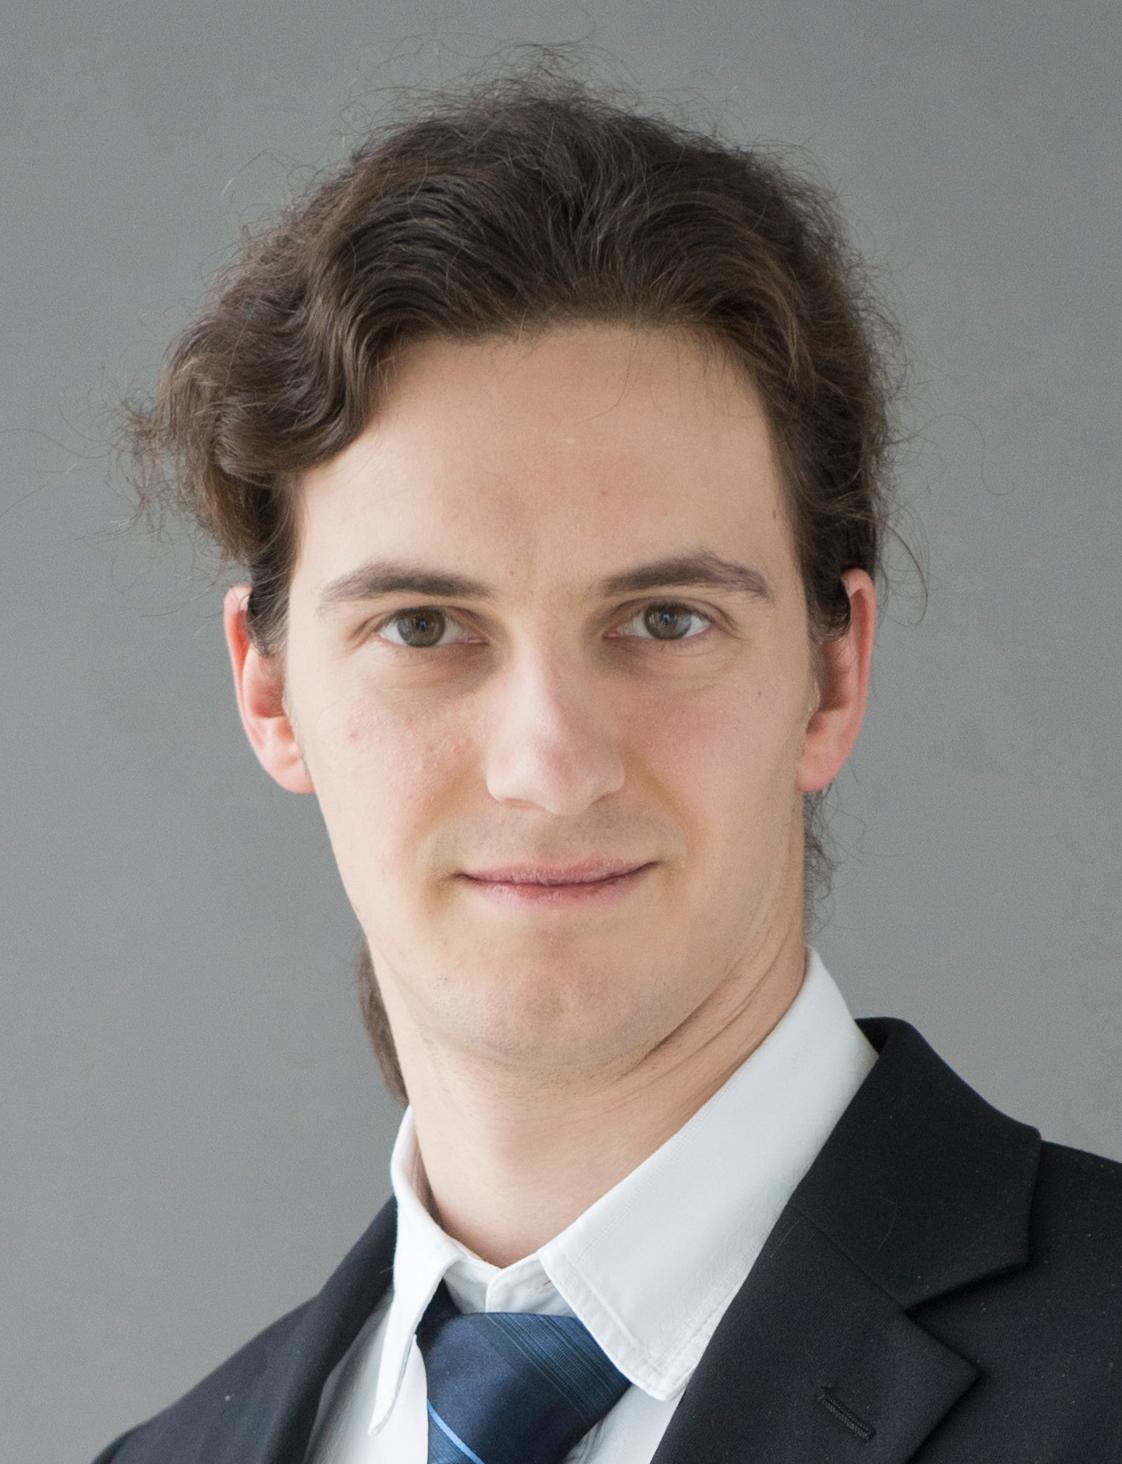 Sebastian Sauerbier/ Johannes Mickel